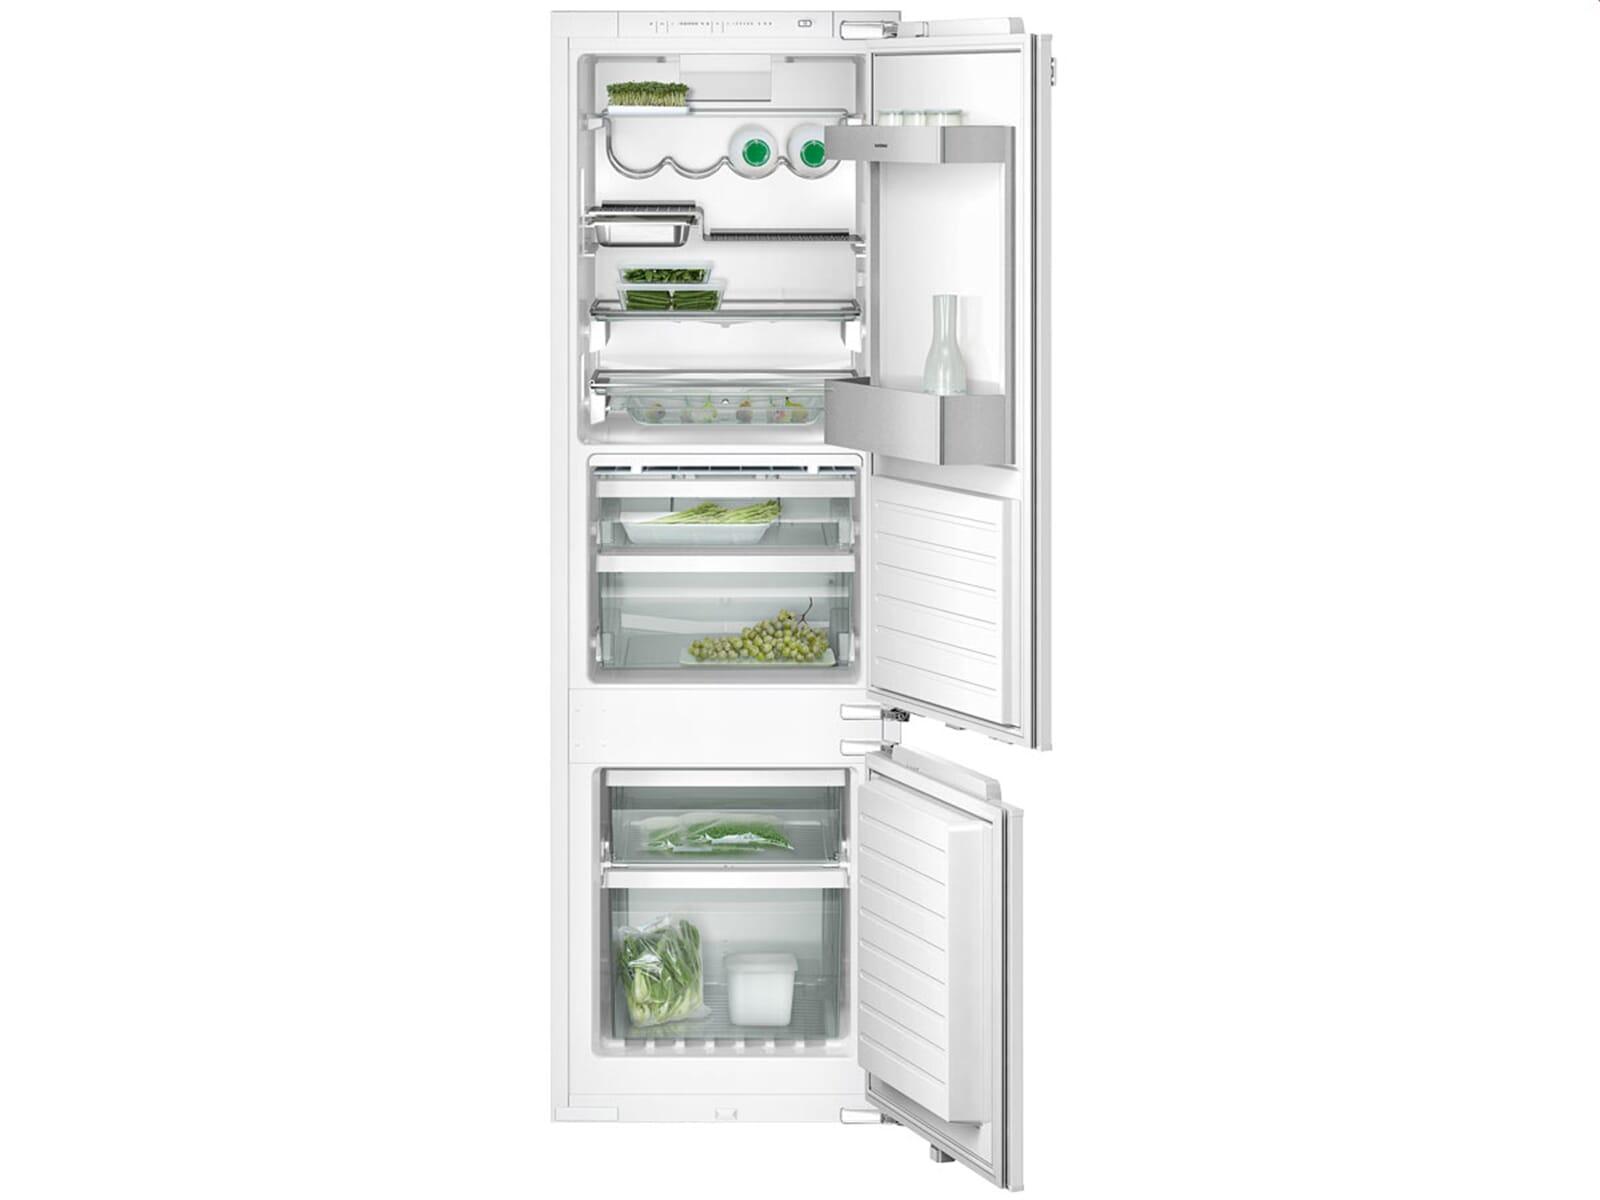 Gorenje Kühlschrank Nrki4182gw : Kühl gefrierkombination einbaugeräte kühlschrank modelle